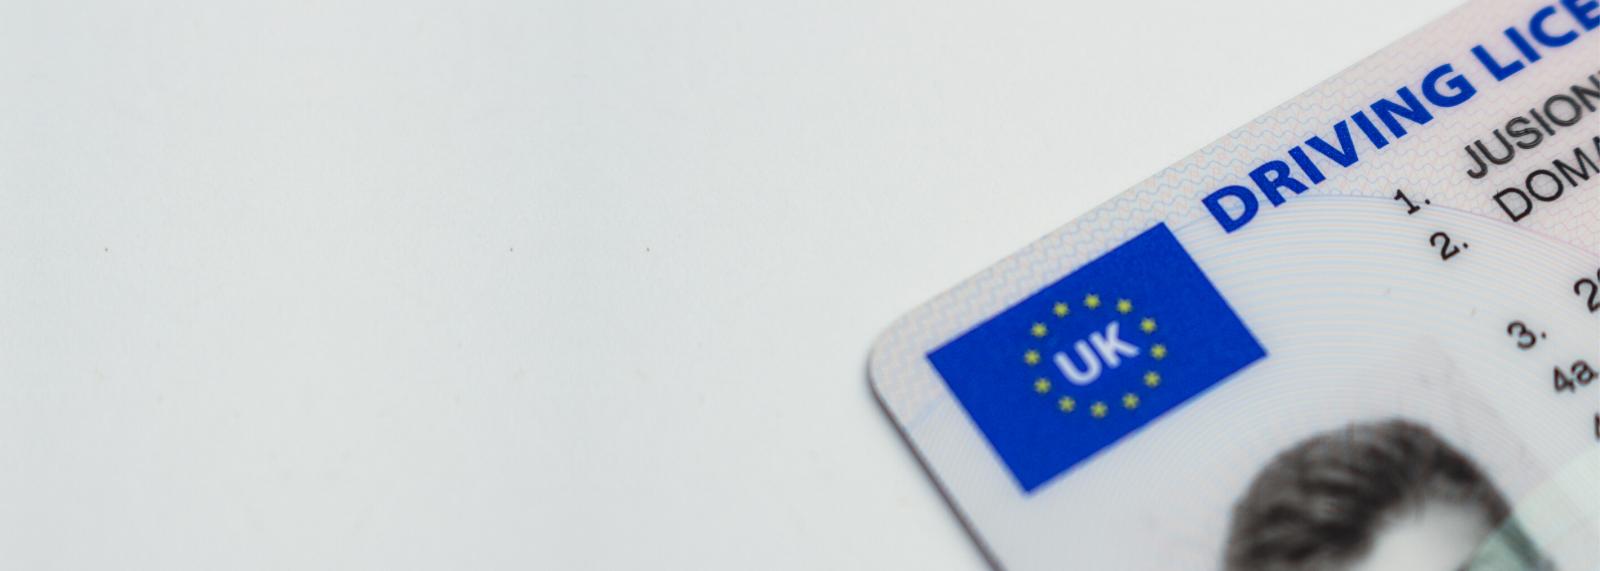 Se ti occorre conseguire la patente internazionale, Autoteam ti può aiutare